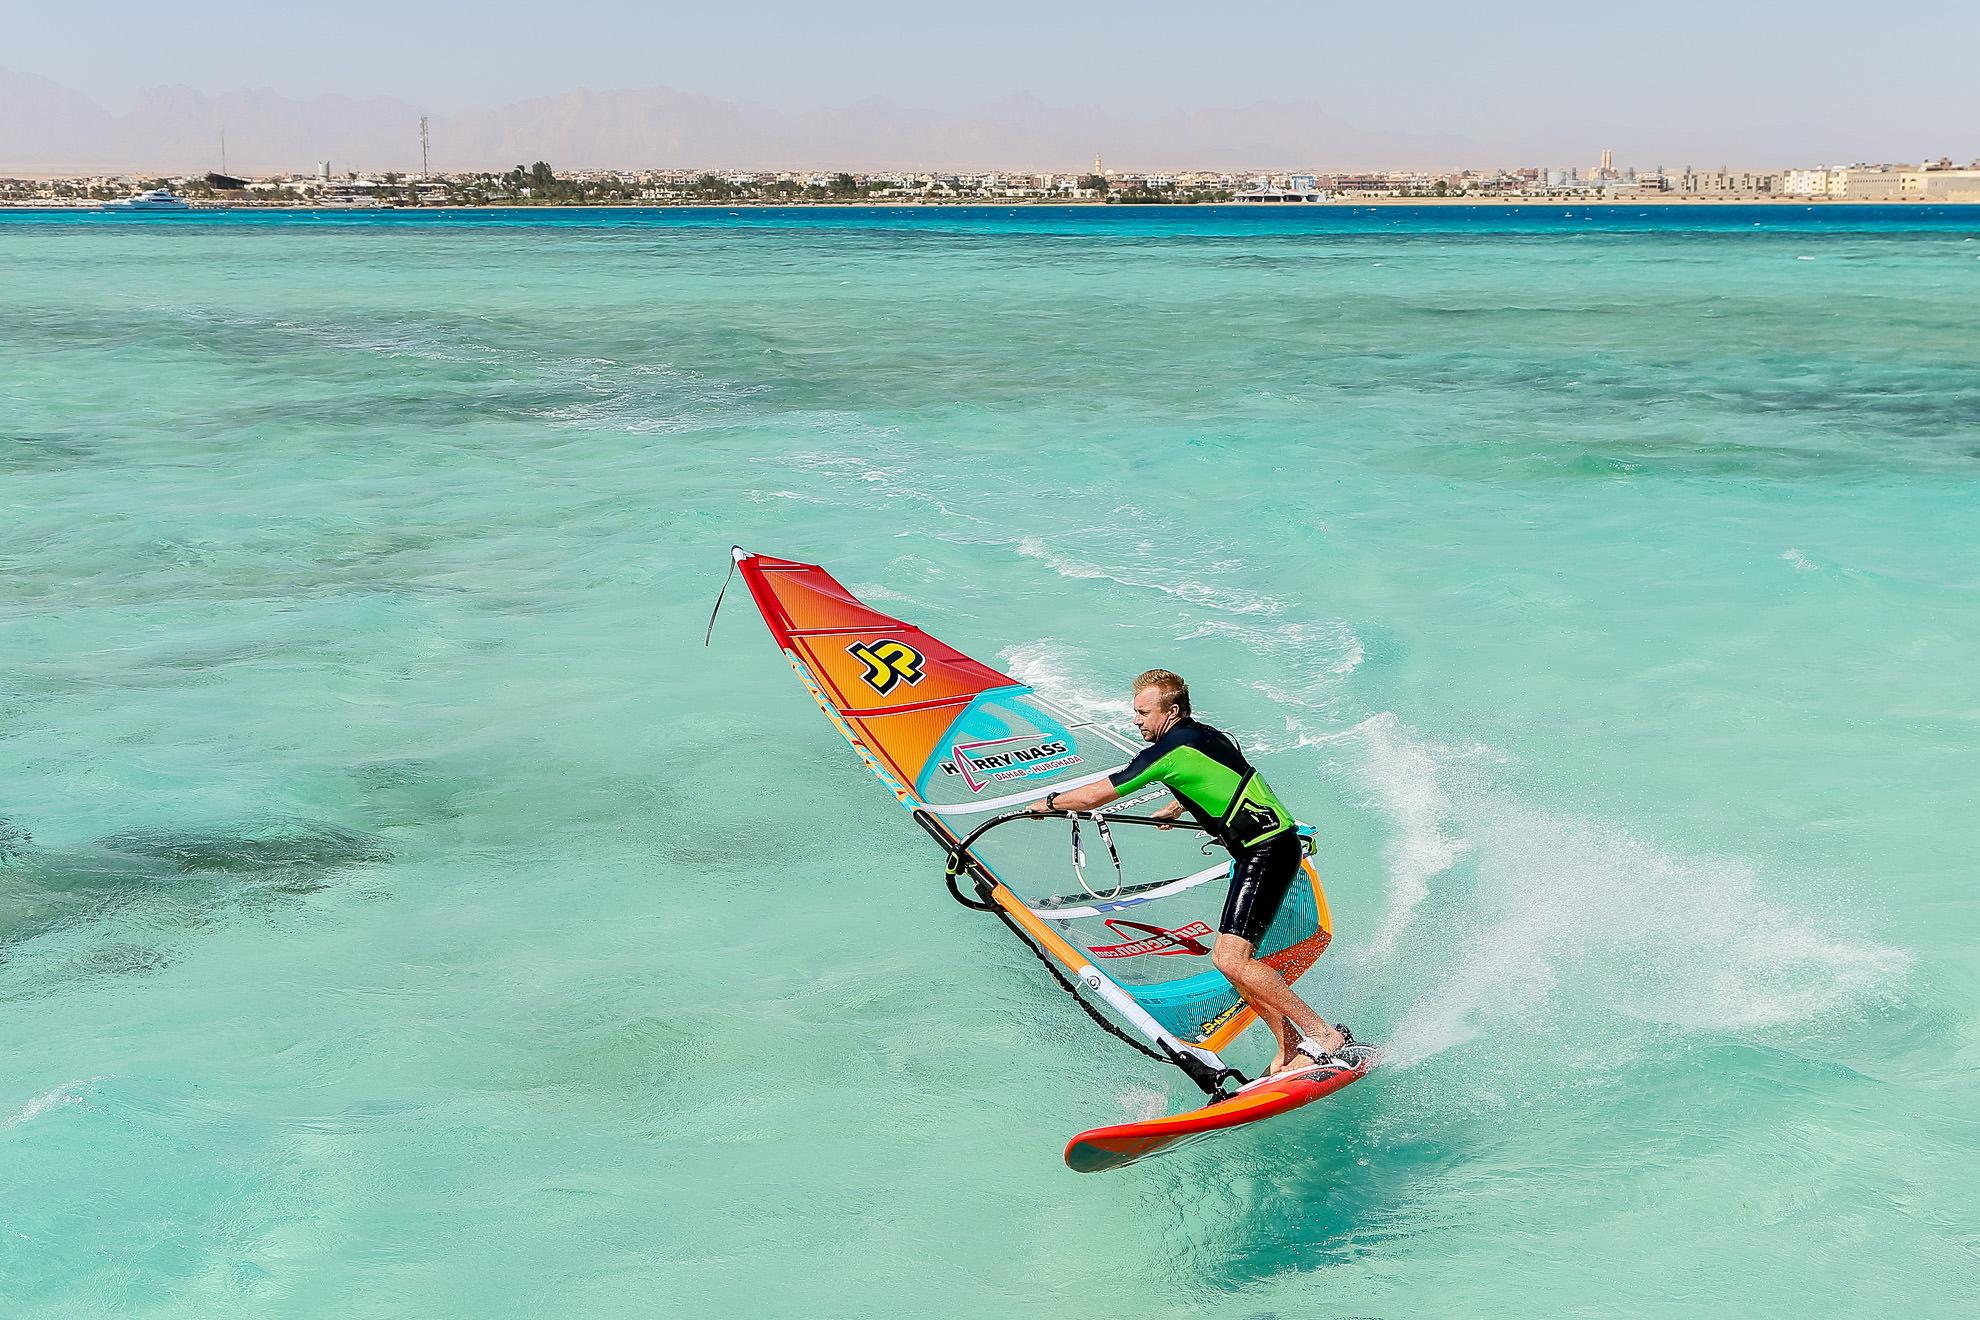 اسکی روی آب با بادبان، ایده ایده آل ورزشی مناسب و لذت بخش